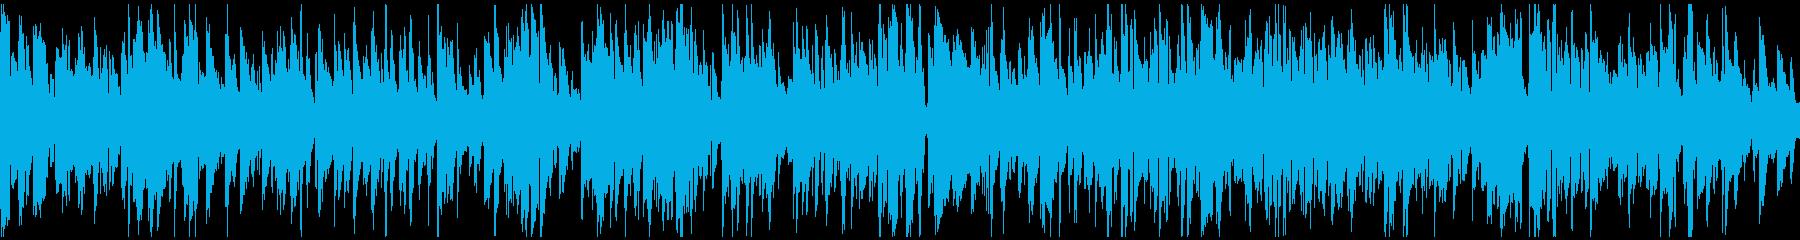 生演奏サックスの渋いジャズ ※ループ版の再生済みの波形